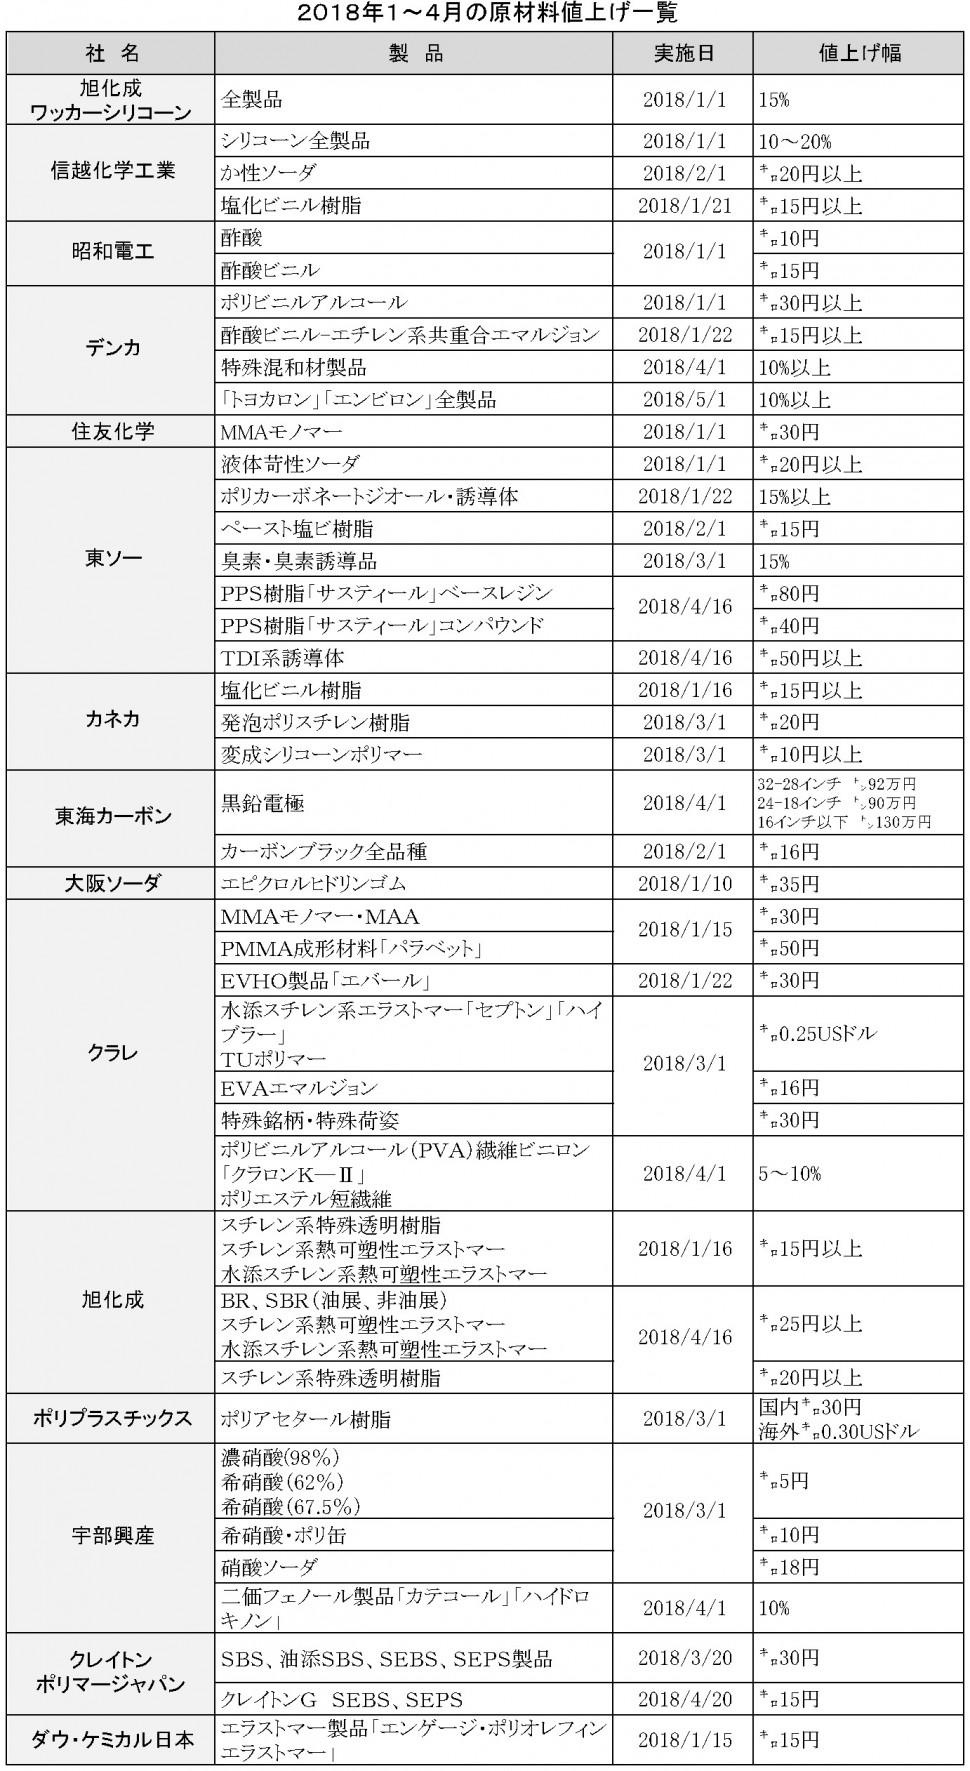 2018年1~4月値上げ一覧表原材料